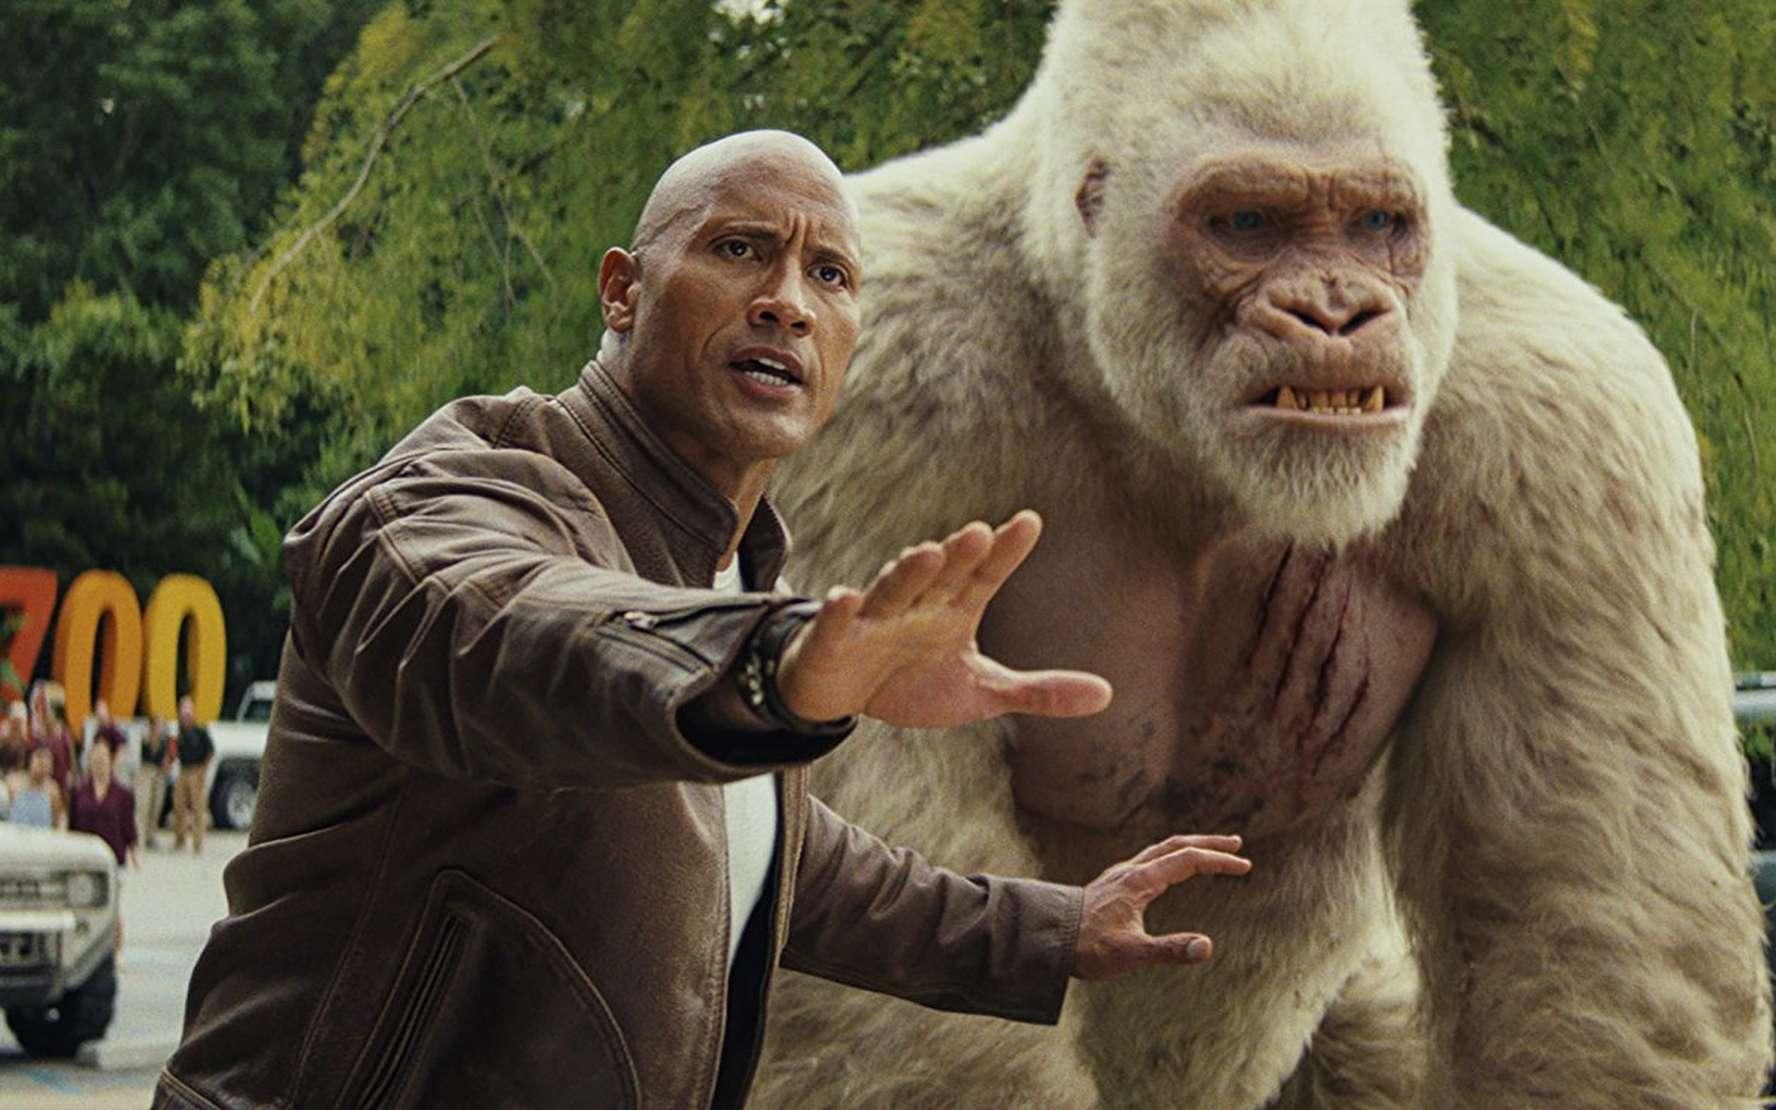 Dans Rampage : Hors de contrôle, la technologie CRISPR-Cas9 transforme un gorille, un loup et un crocodile en géants monstrueux. © Warner Bros. Entertainment Inc. and RatPac-Dune Entertainment LLC, 2018